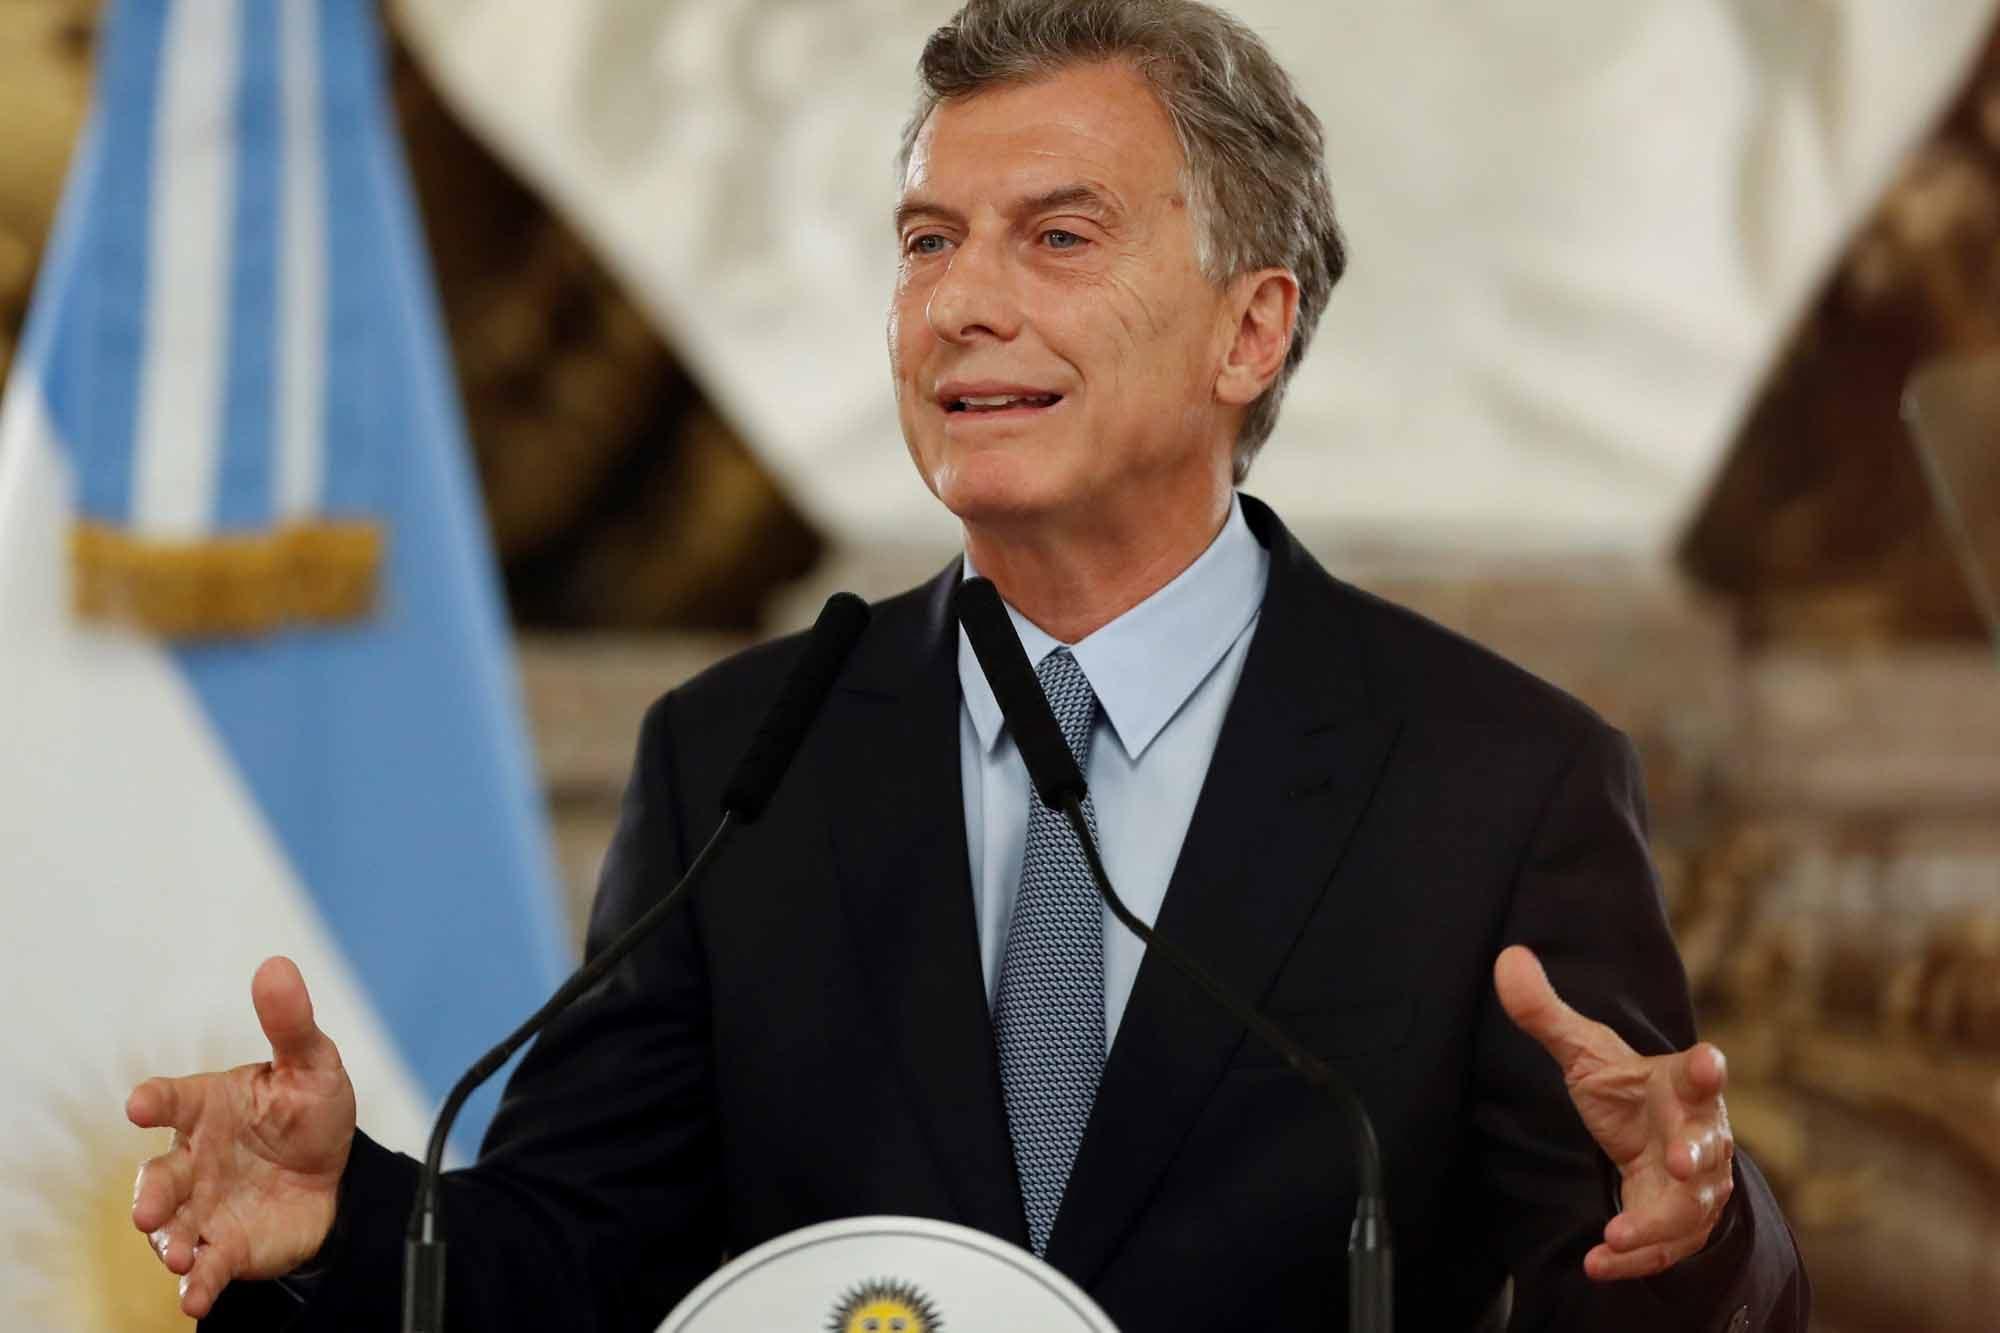 La jueza de Caleta Olivia le pidió a Mauricio Macri que informe qué sabía sobre el estado del ARA San Juan